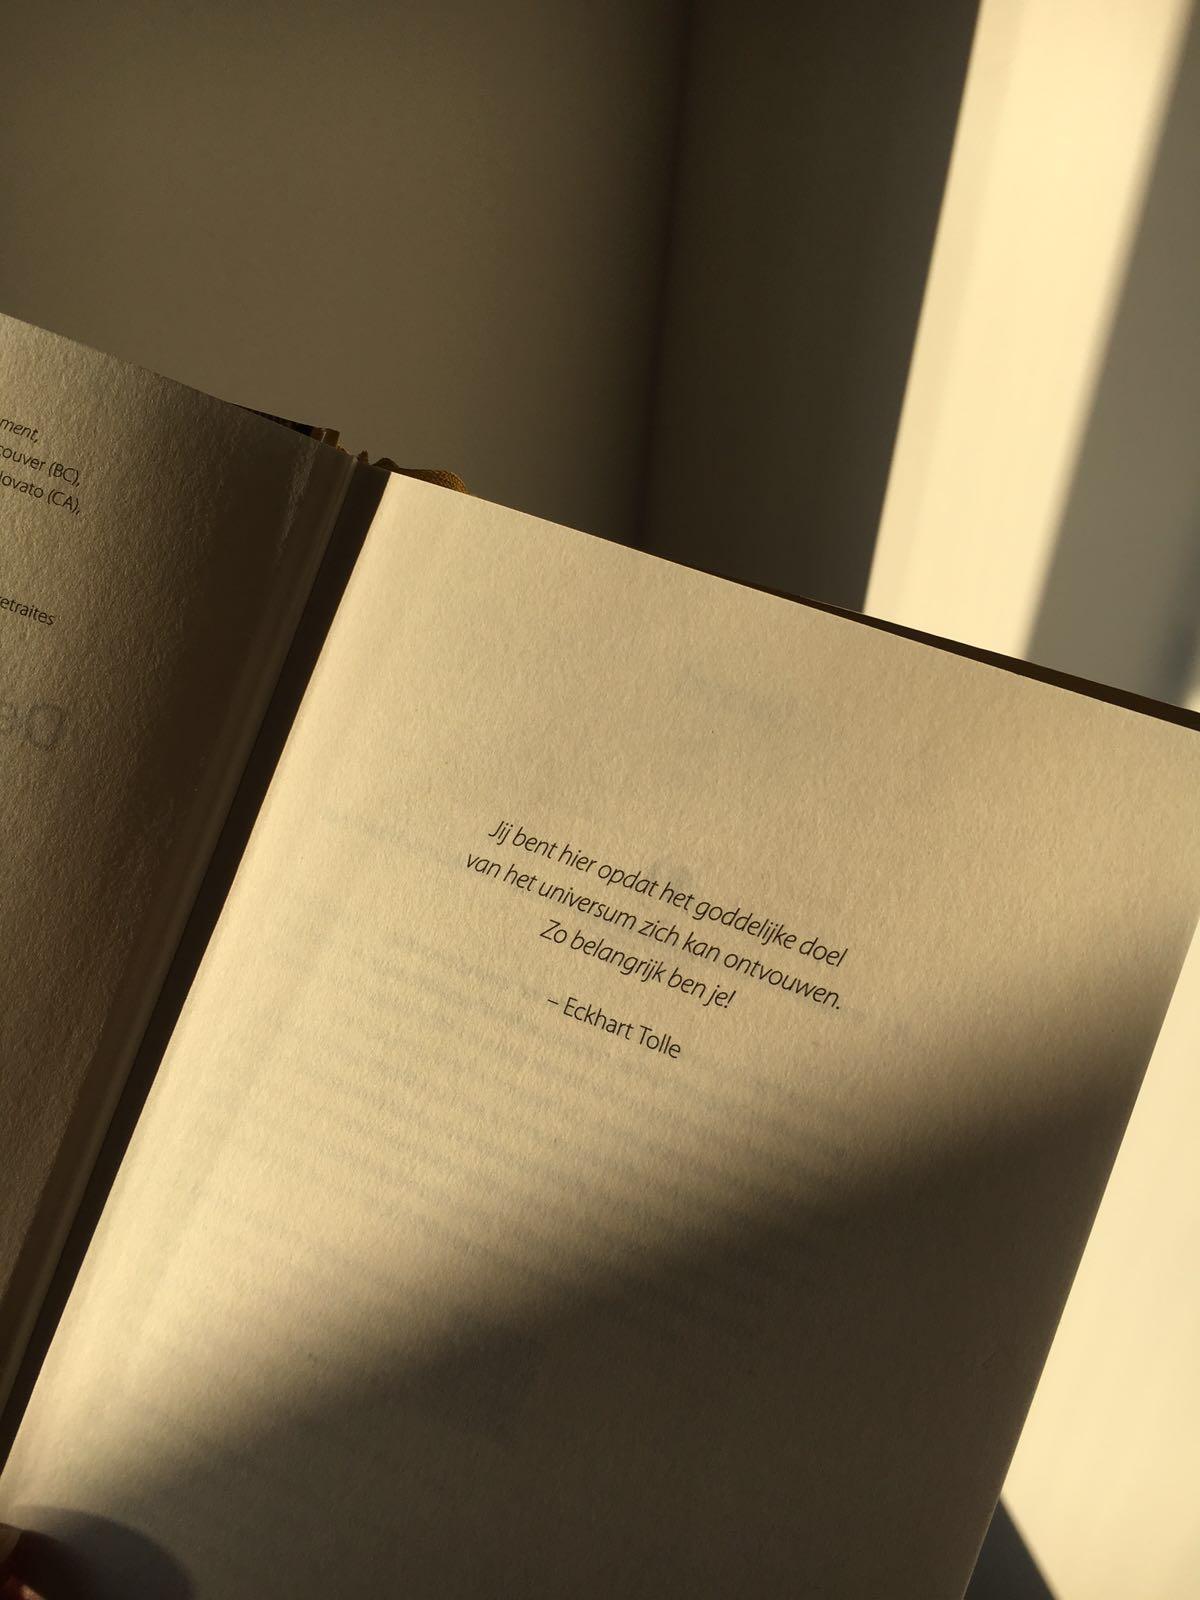 Boek Citaten Leven : Meest inspirerende quotes uit het boek de kracht van het nu